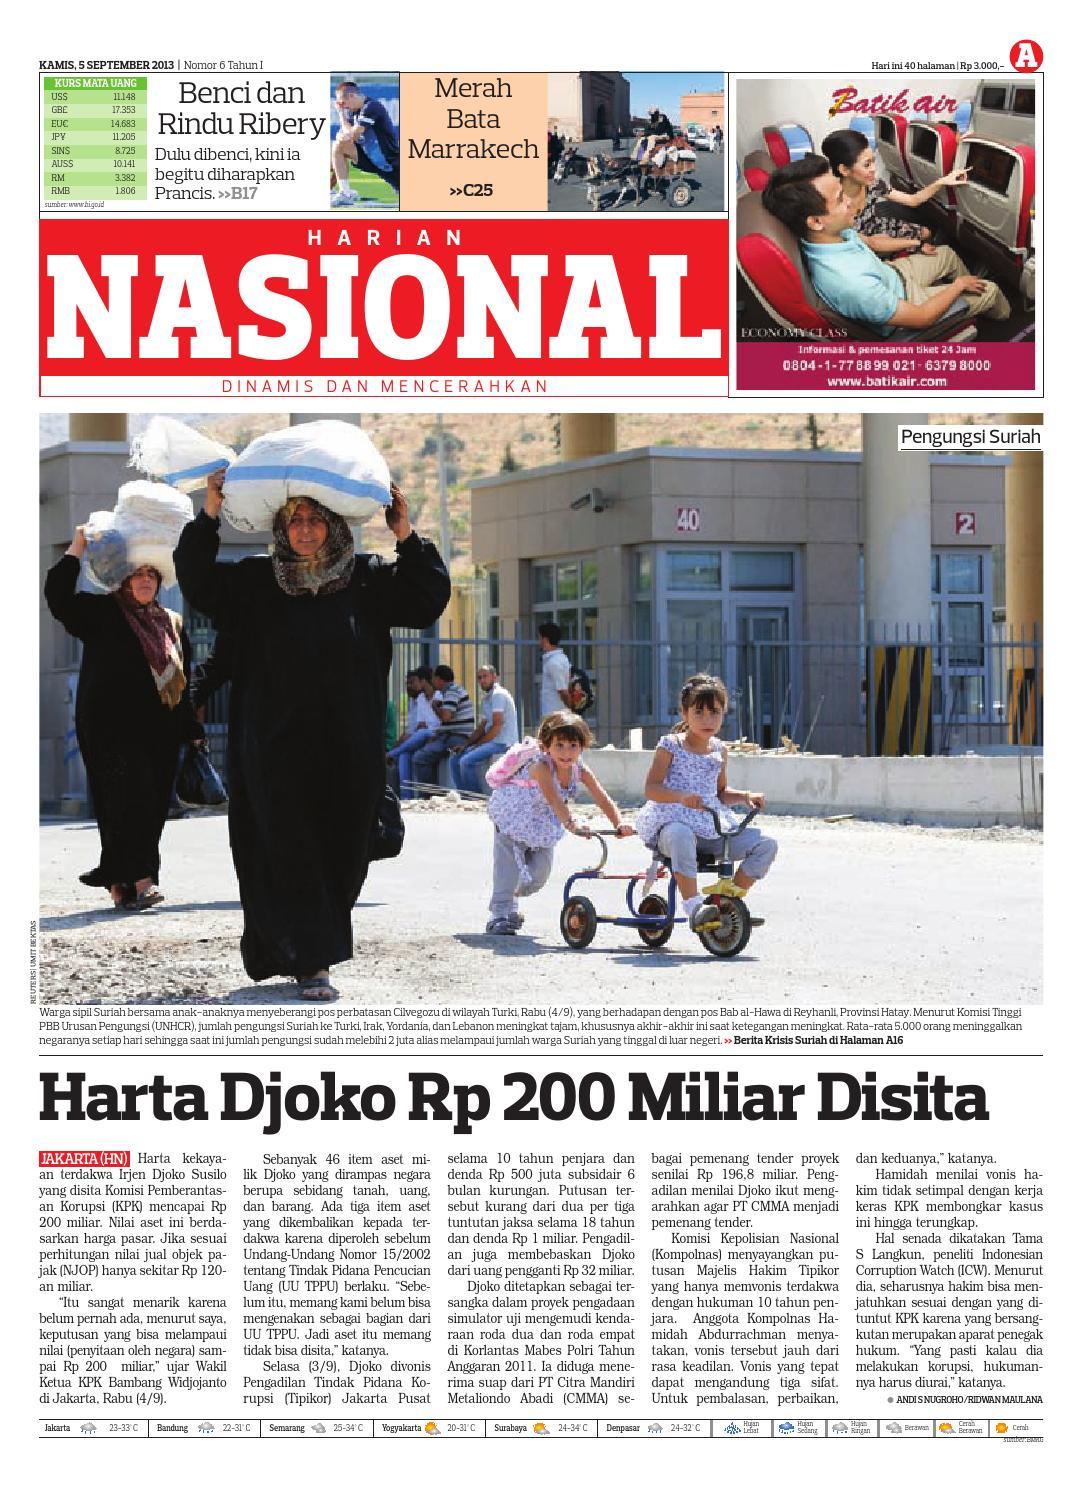 Harian Nasional By Issuu Produk Ukm Bumn Sastra Organdi Biru